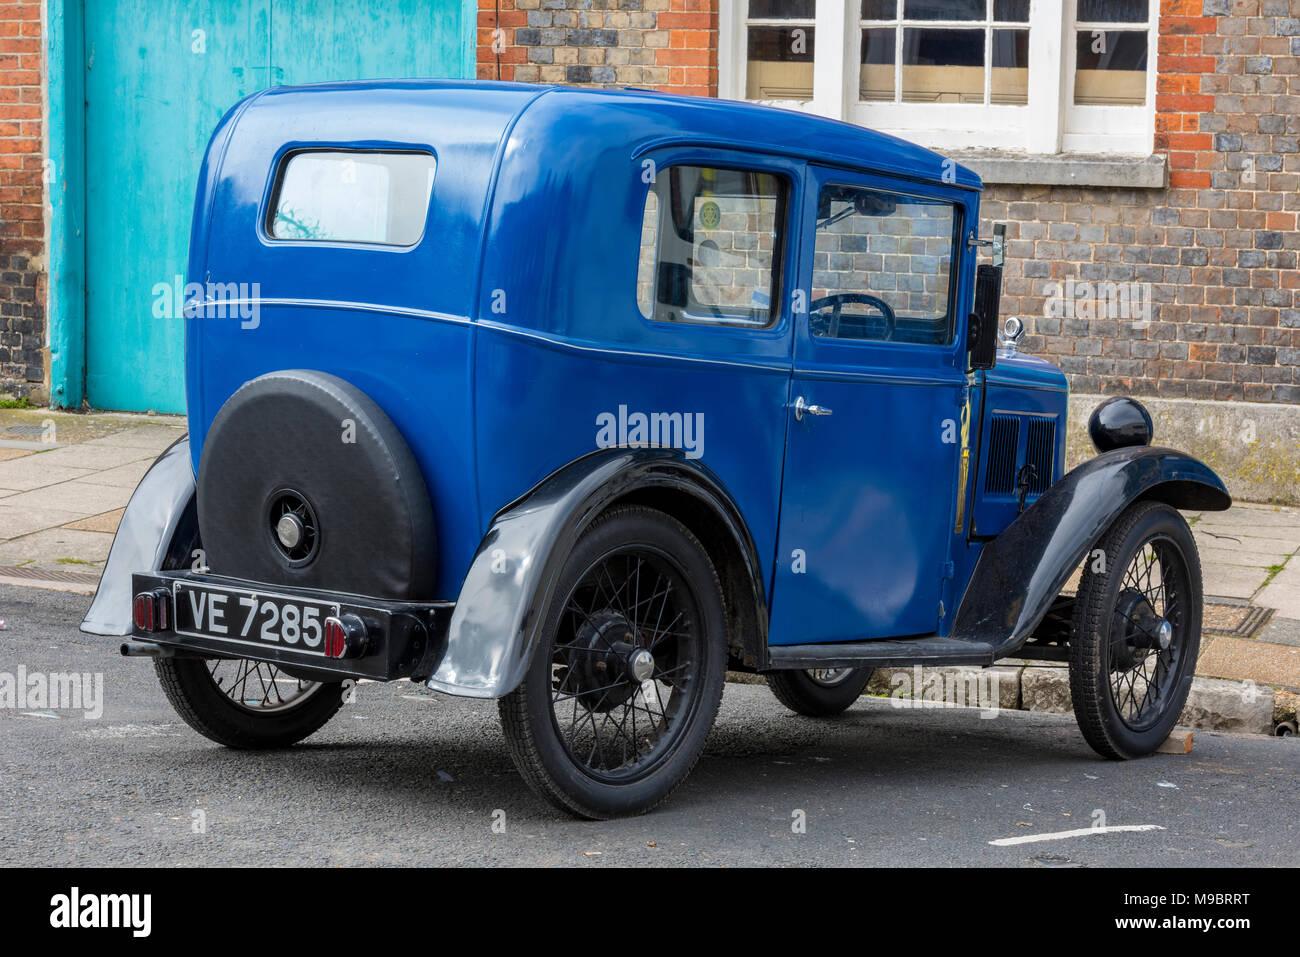 Ein vintage Austin Auto in Blau im Alltag an der Seite der Straße geparkt. Retro Vintage Sammler Auto mit Speichenrädern jeden Tag verwendet wird. Stockbild